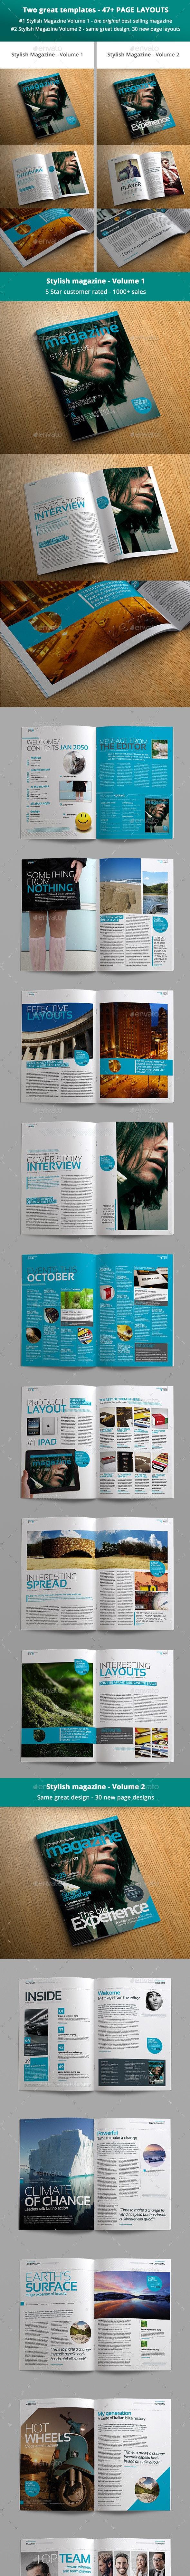 Stylish Magazine Bundle - Magazines Print Templates